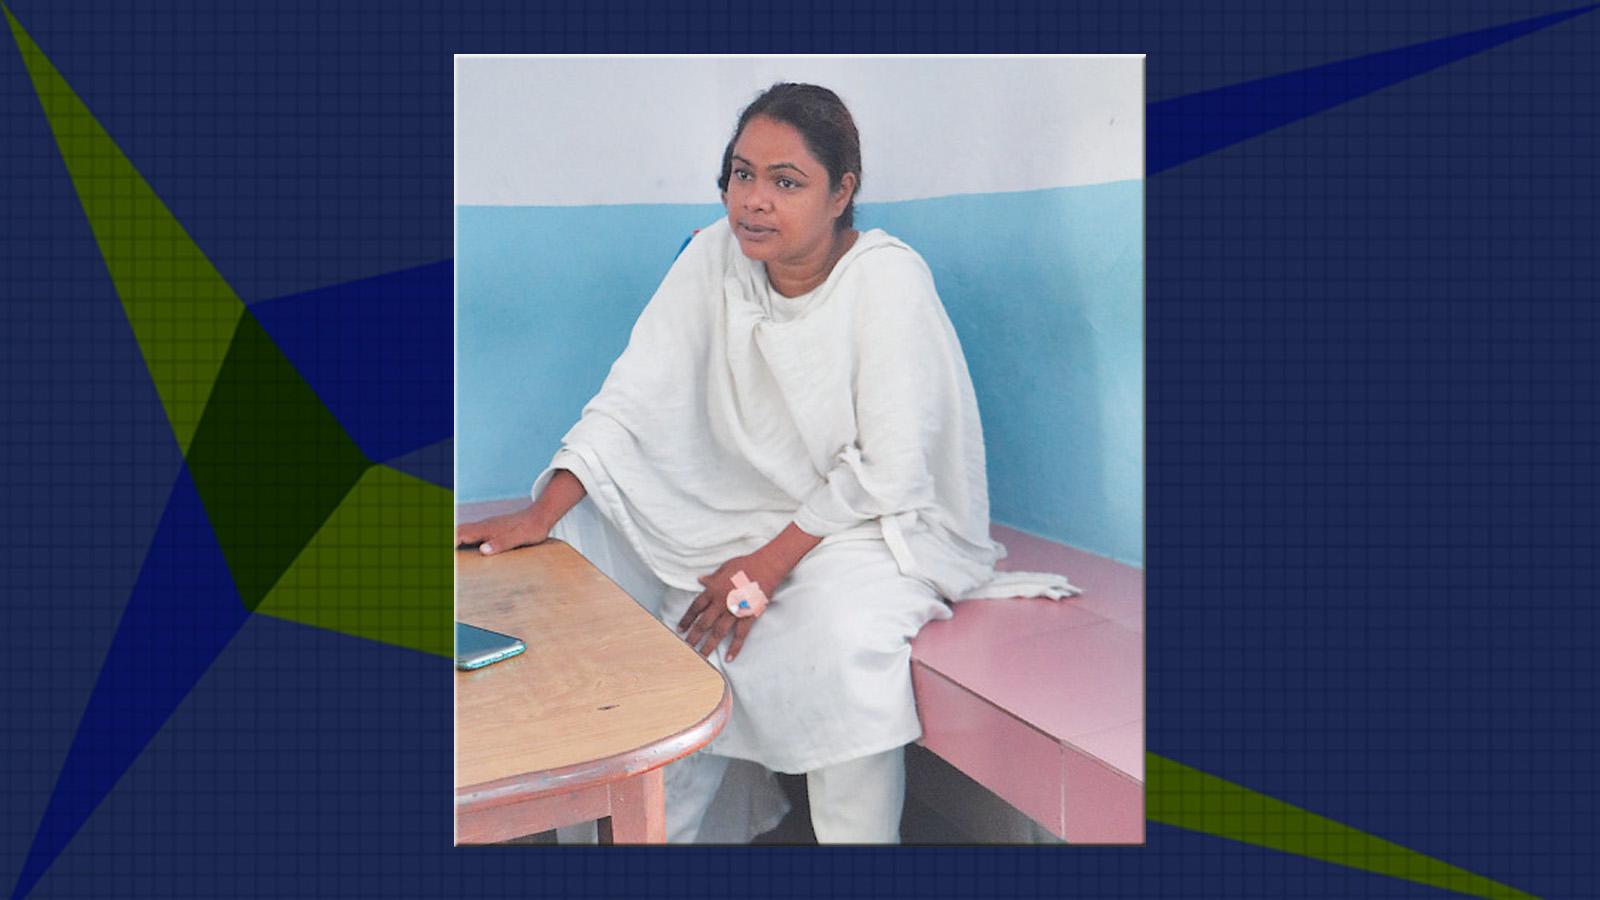 न्याय खोज्ने महिलामाथि प्रहरीको झुठो मुद्दा, पुर्वाग्रह राखेको पीडित पक्षको आरोप